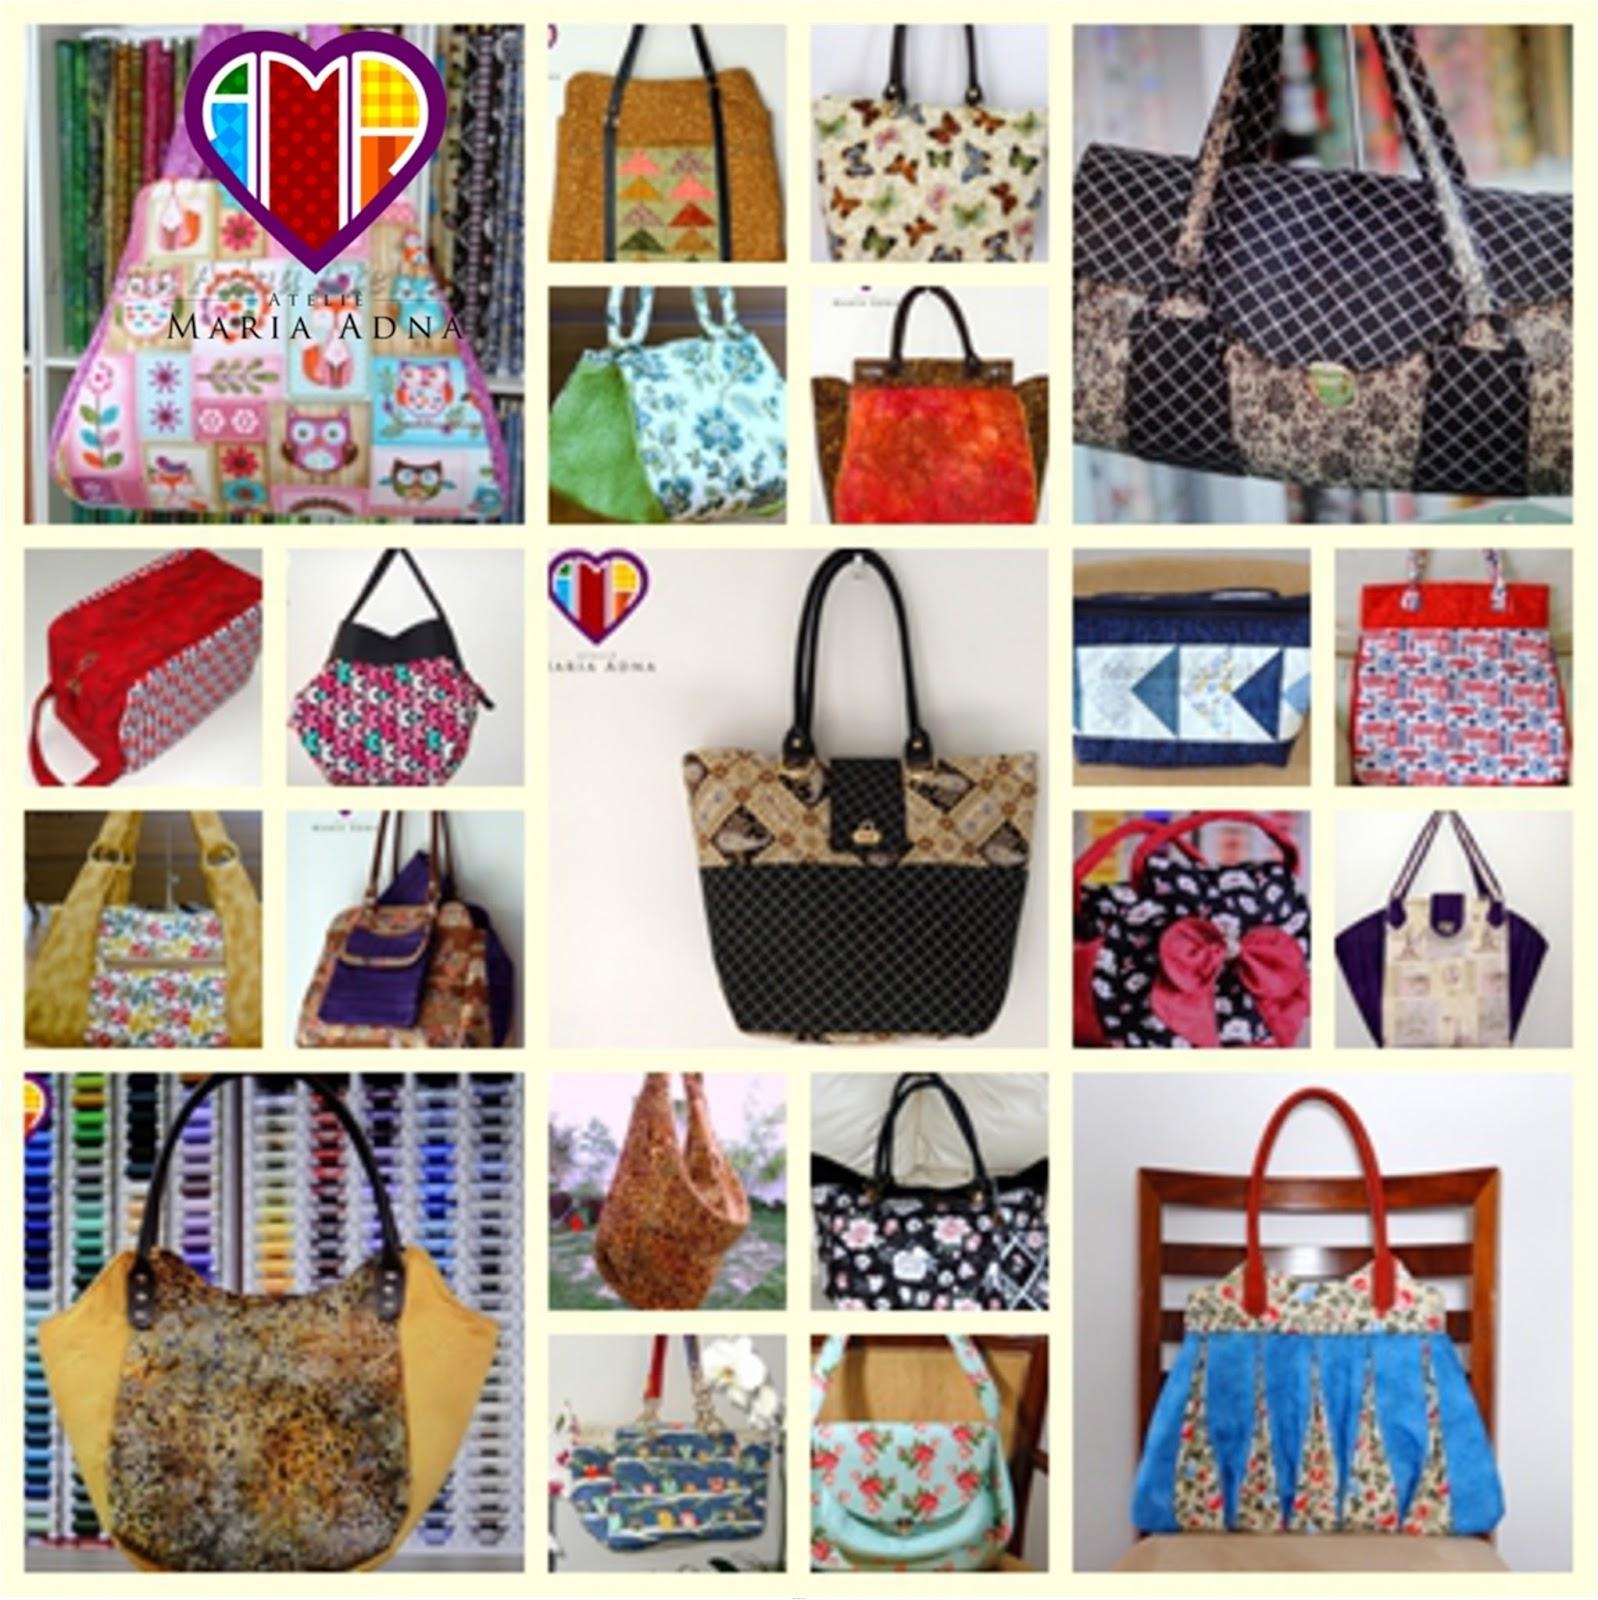 f897bad03 Maria Adna Ateliê: Cursos, aulas e vendas de bolsas. Tecidos ...